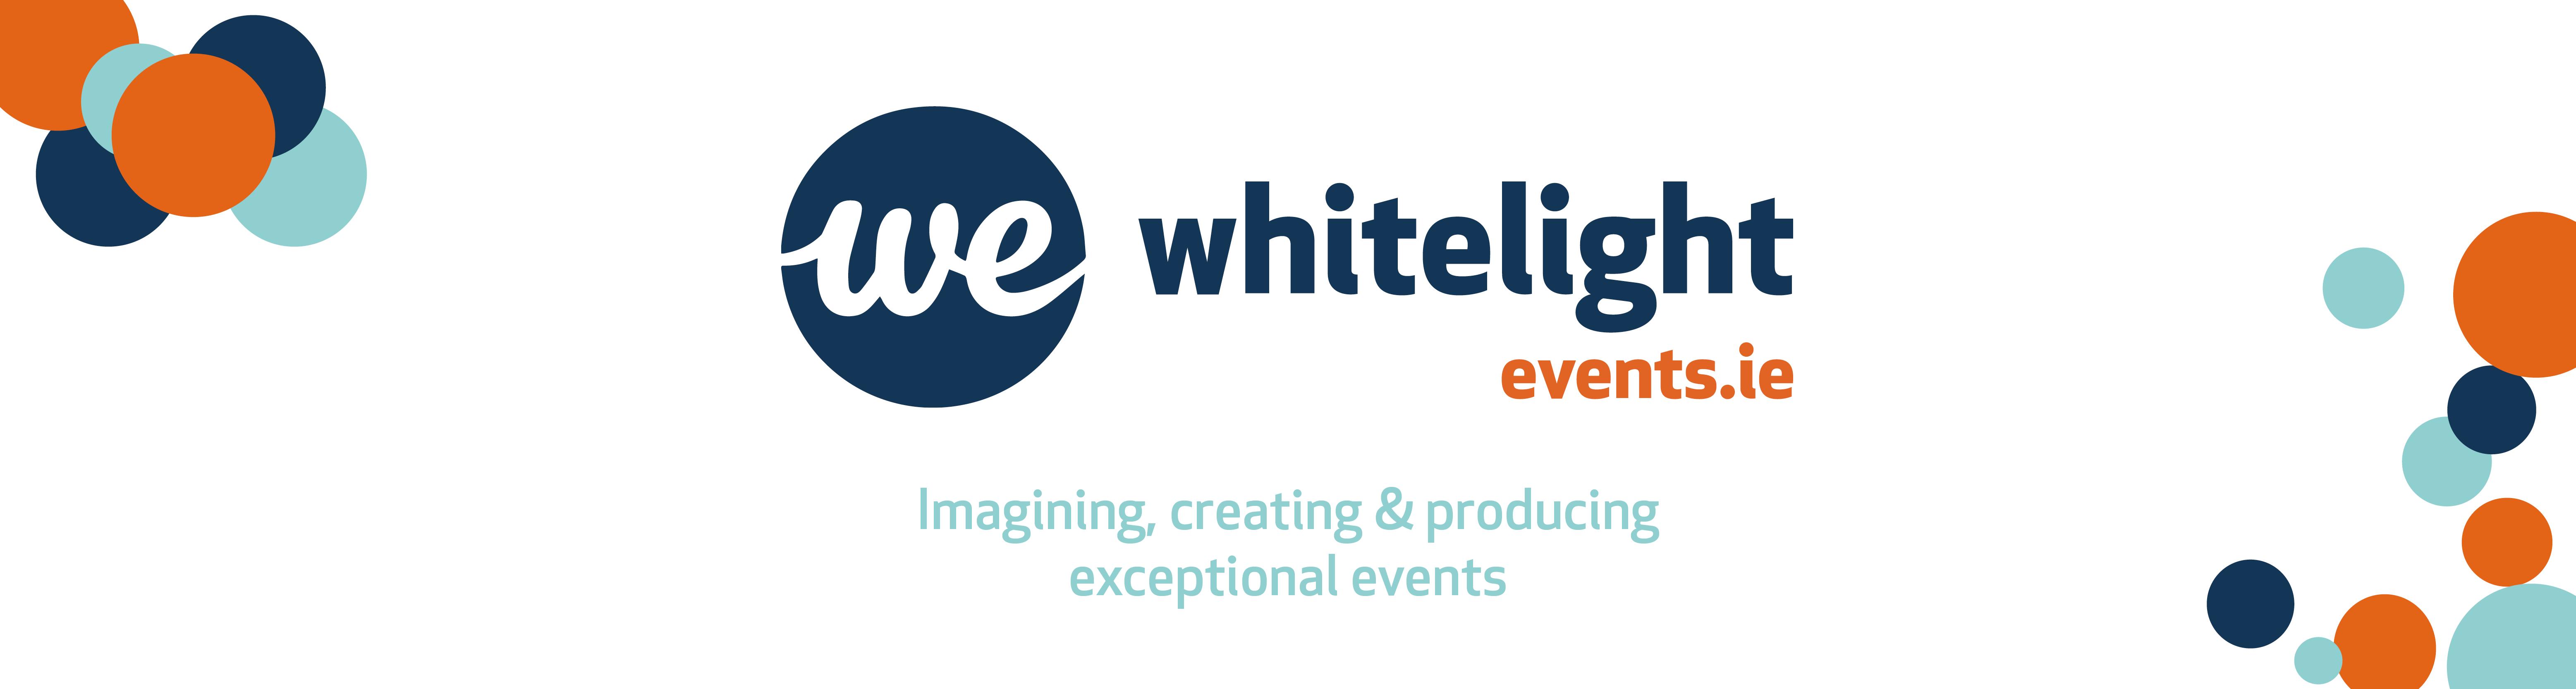 Whitelight Website Header Image